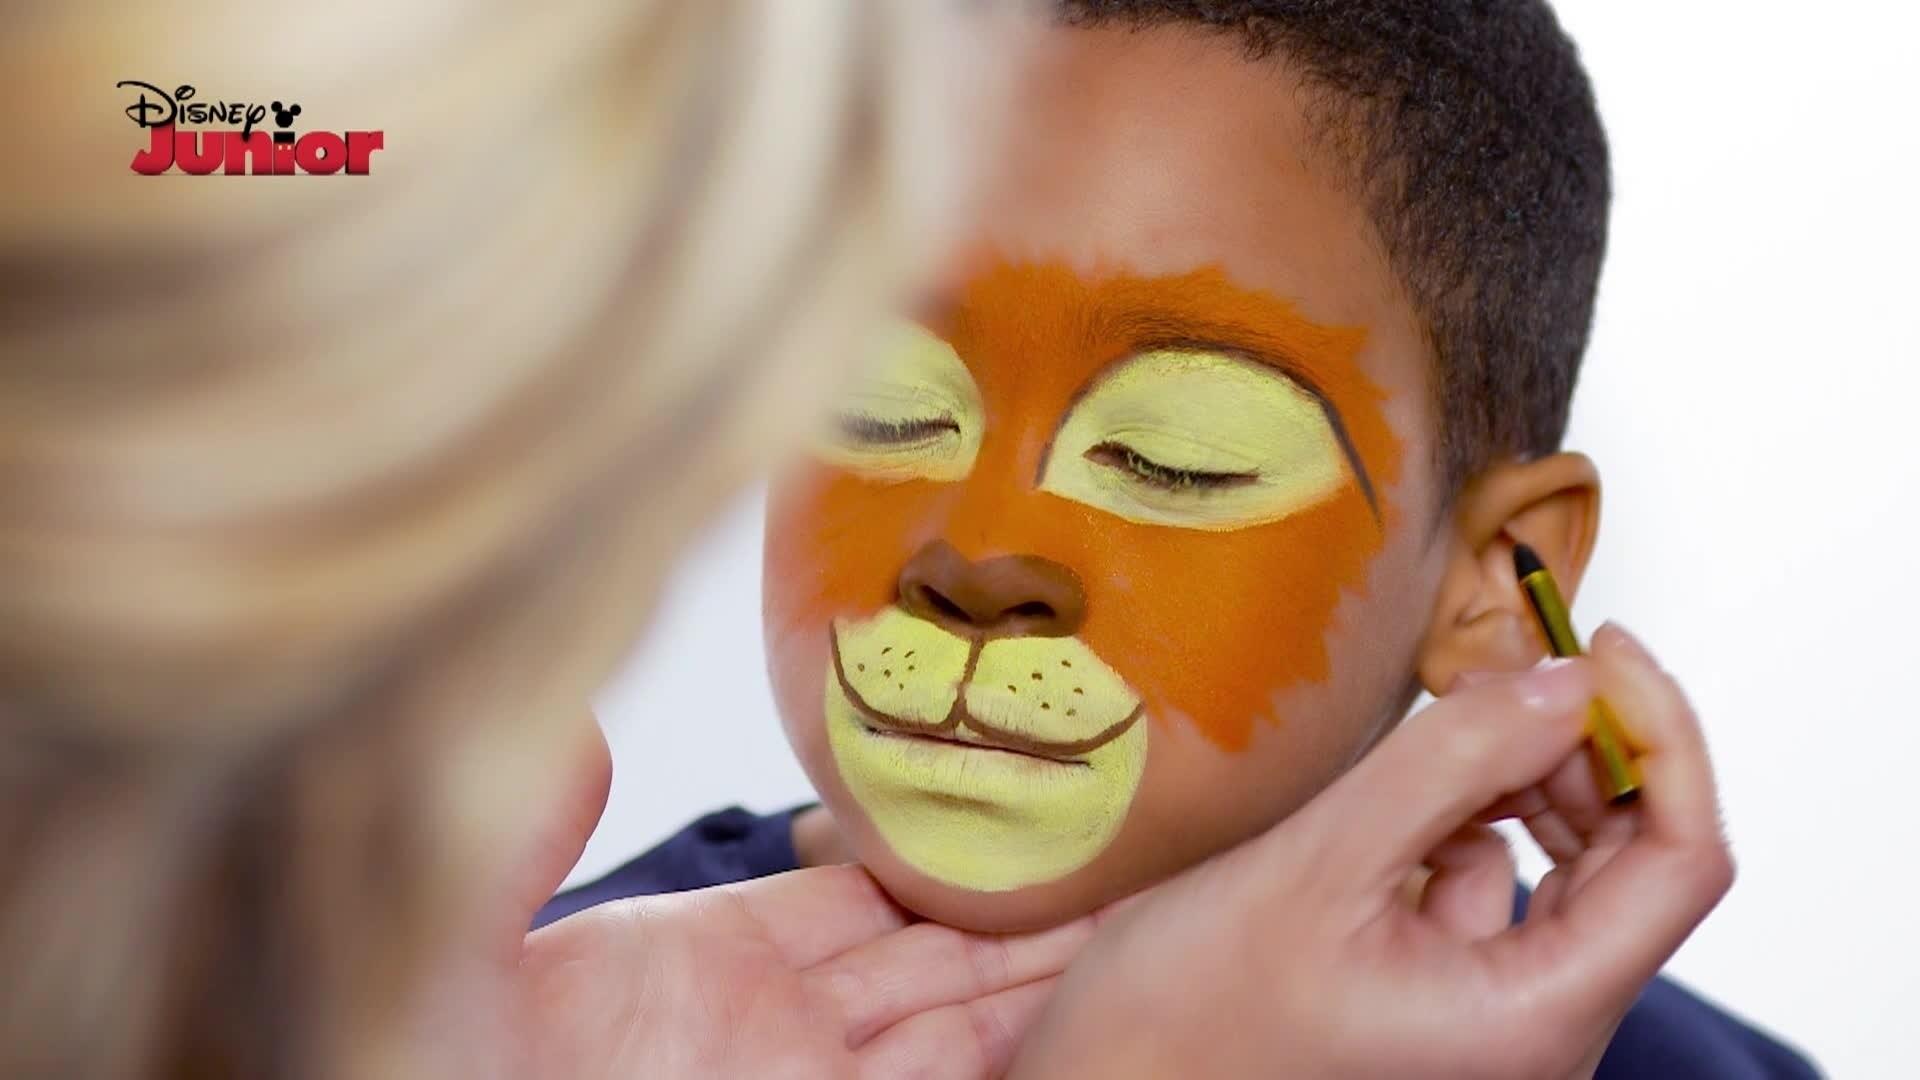 Pintura facial: Kion